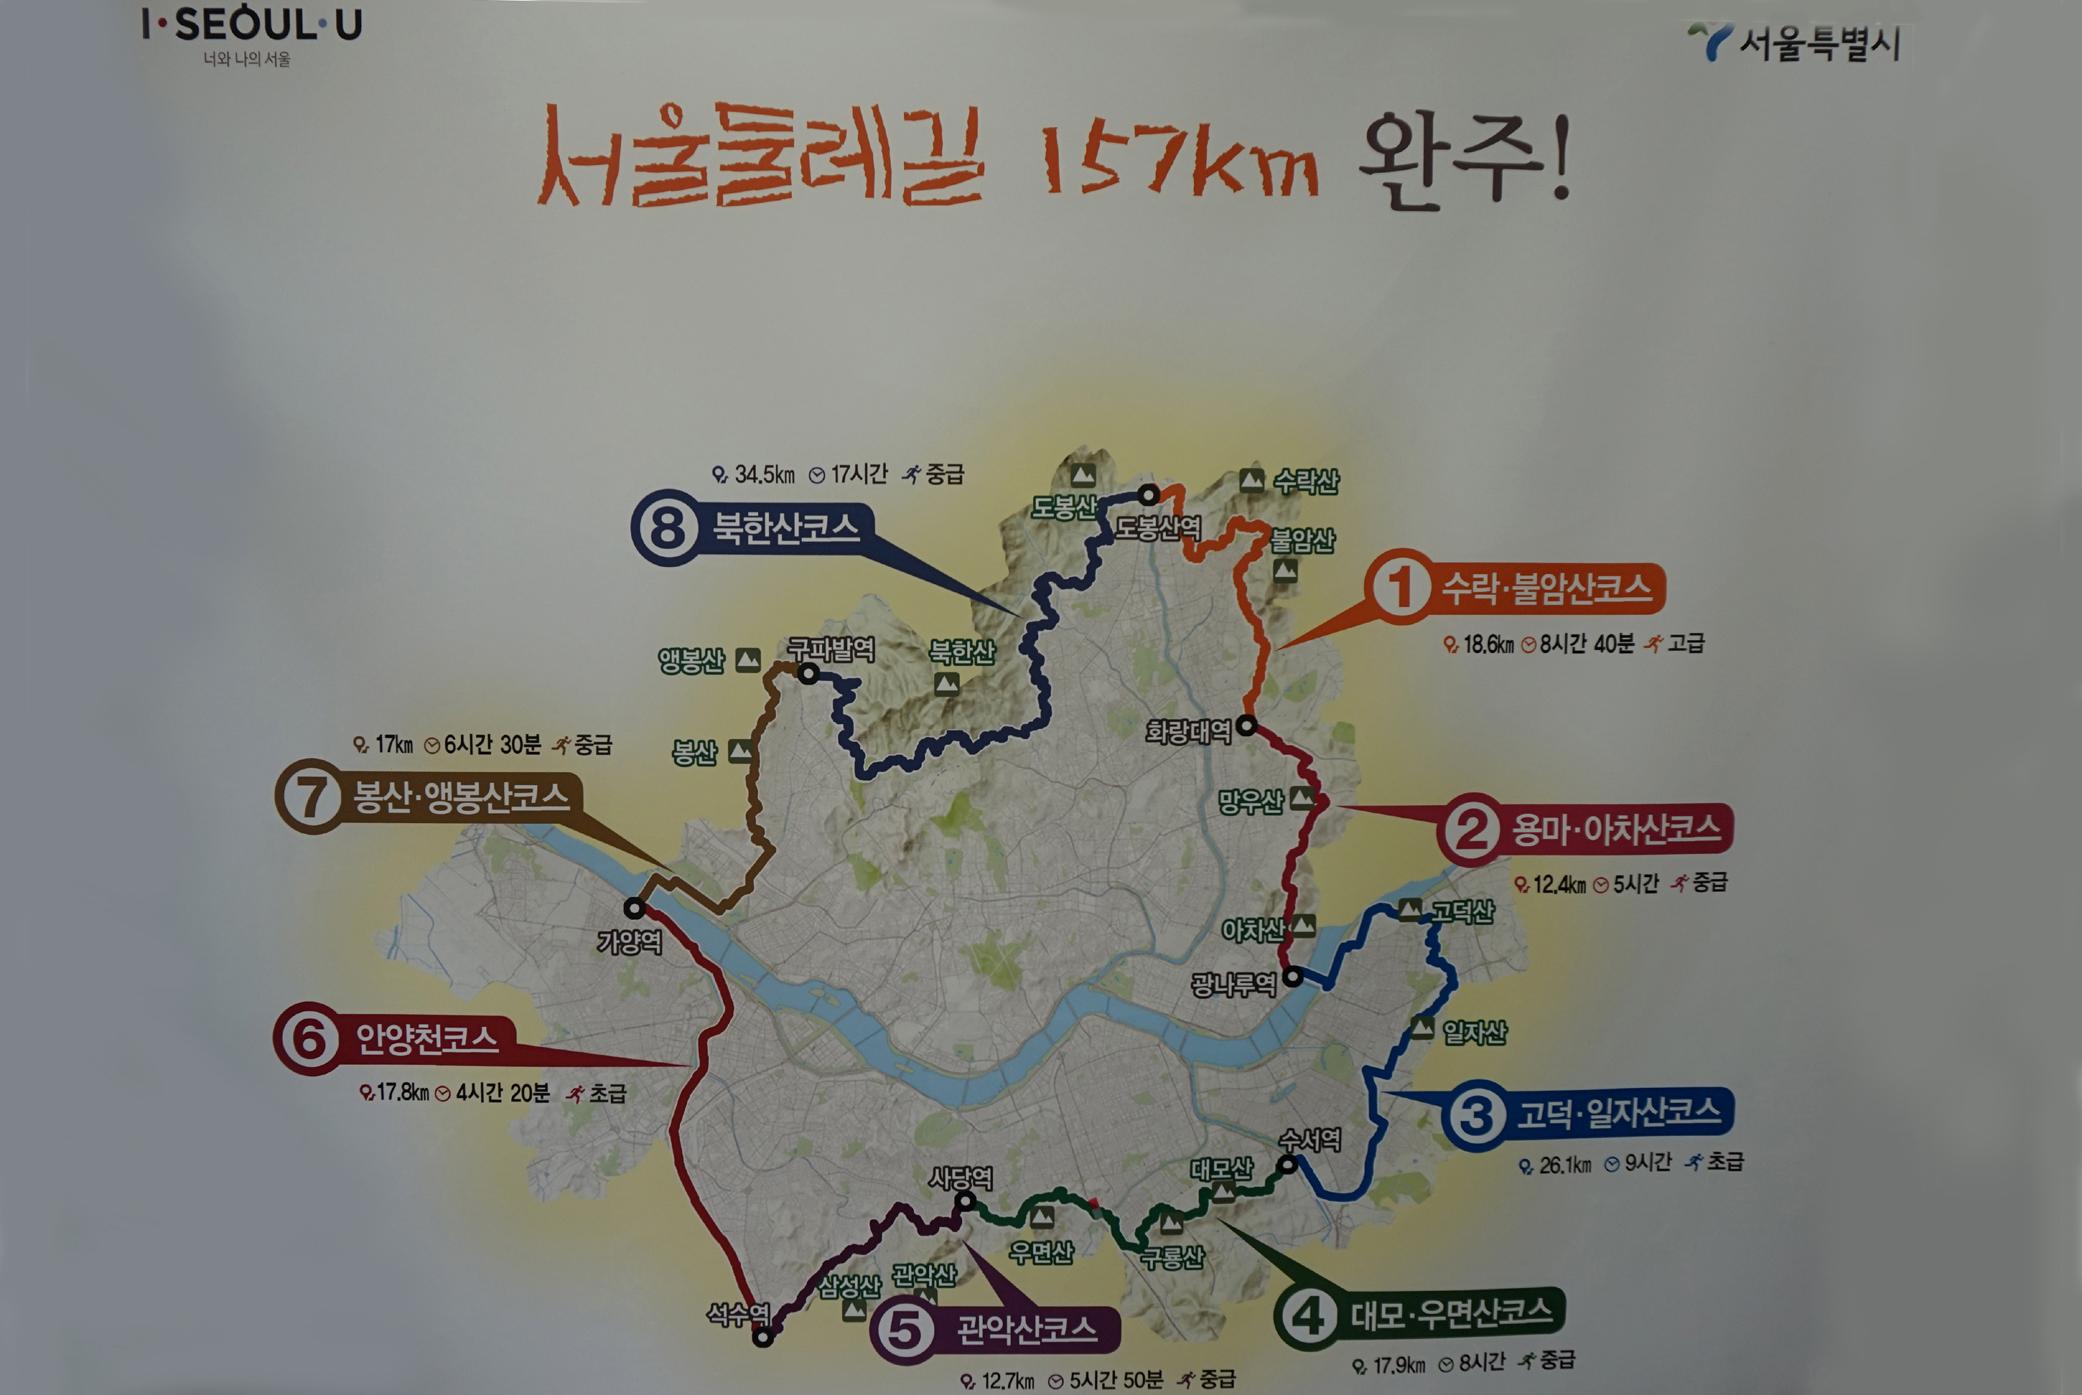 서울둘레길 4-2코스(우면산구간)- 양재시민의숲역에서 우면산지나 사당역까지